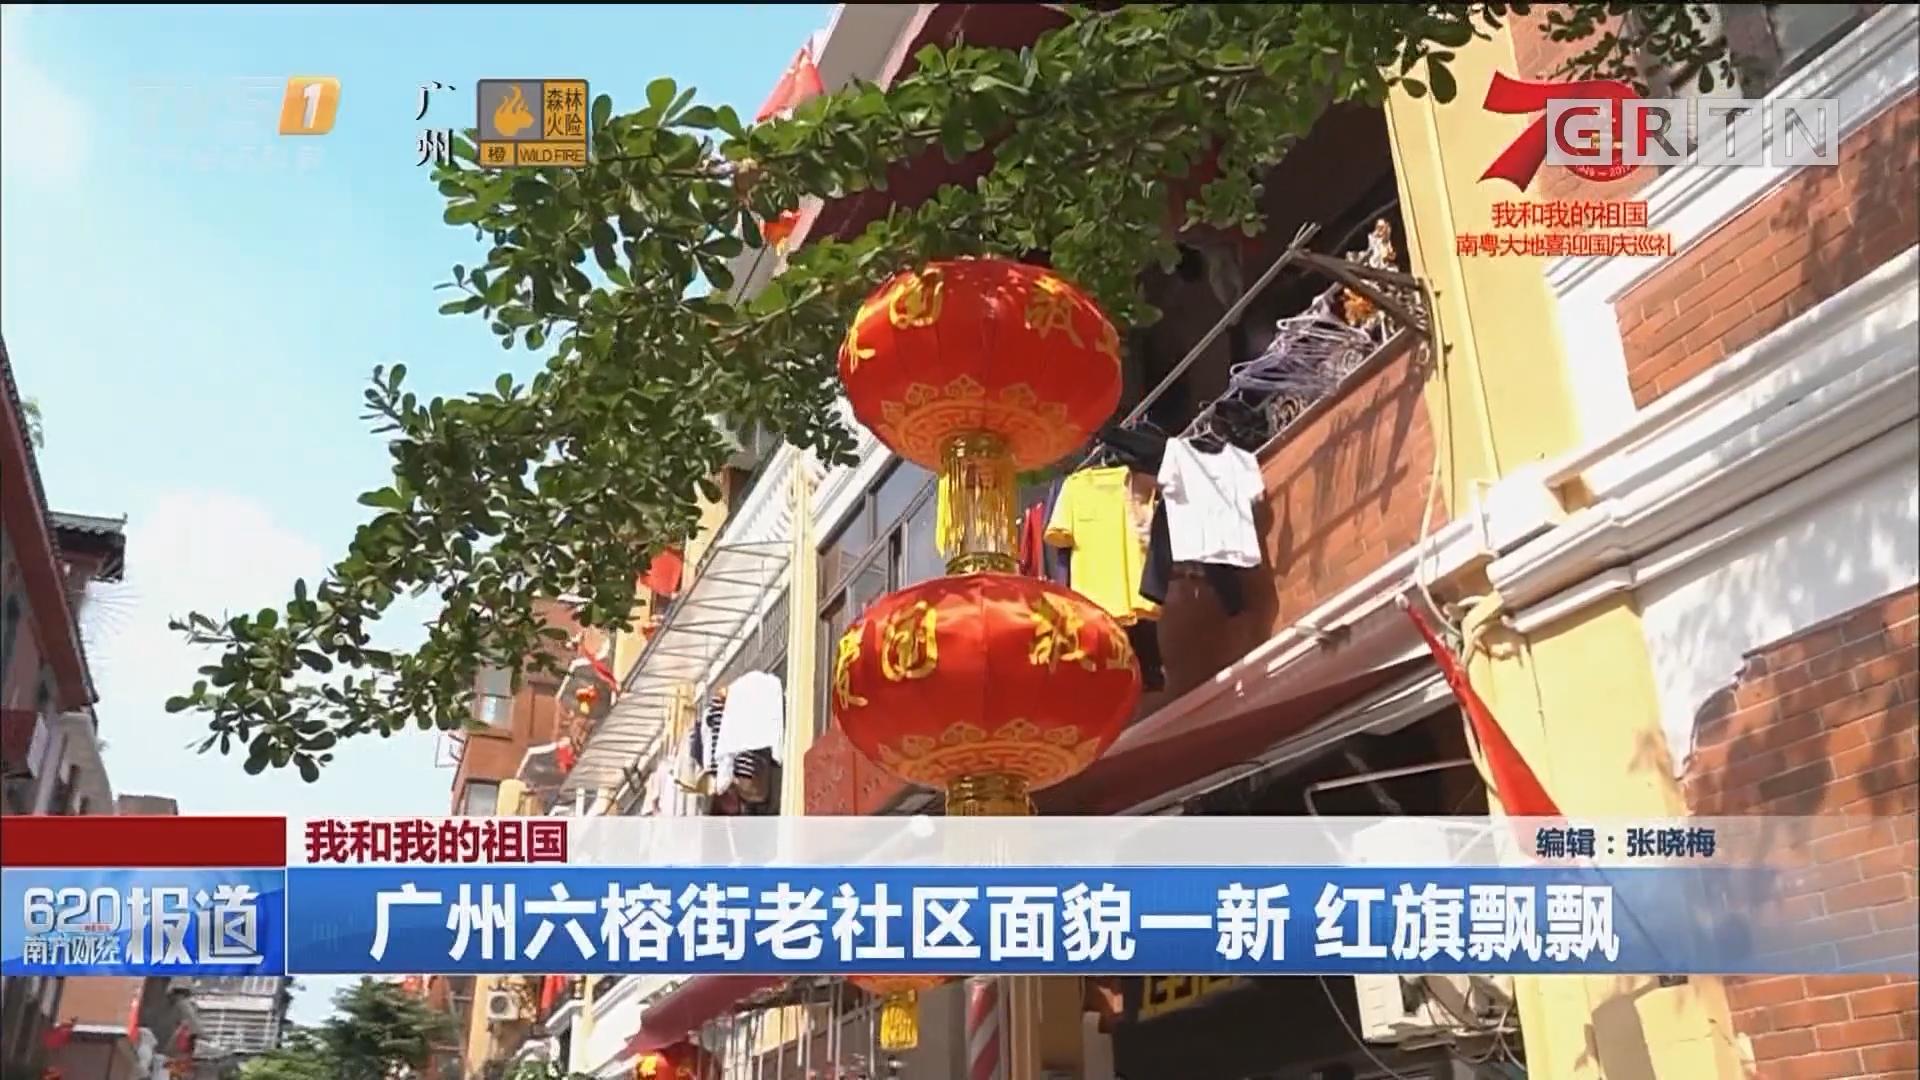 我和我的祖國:廣州六榕街老社區面貌一新 紅旗飄飄